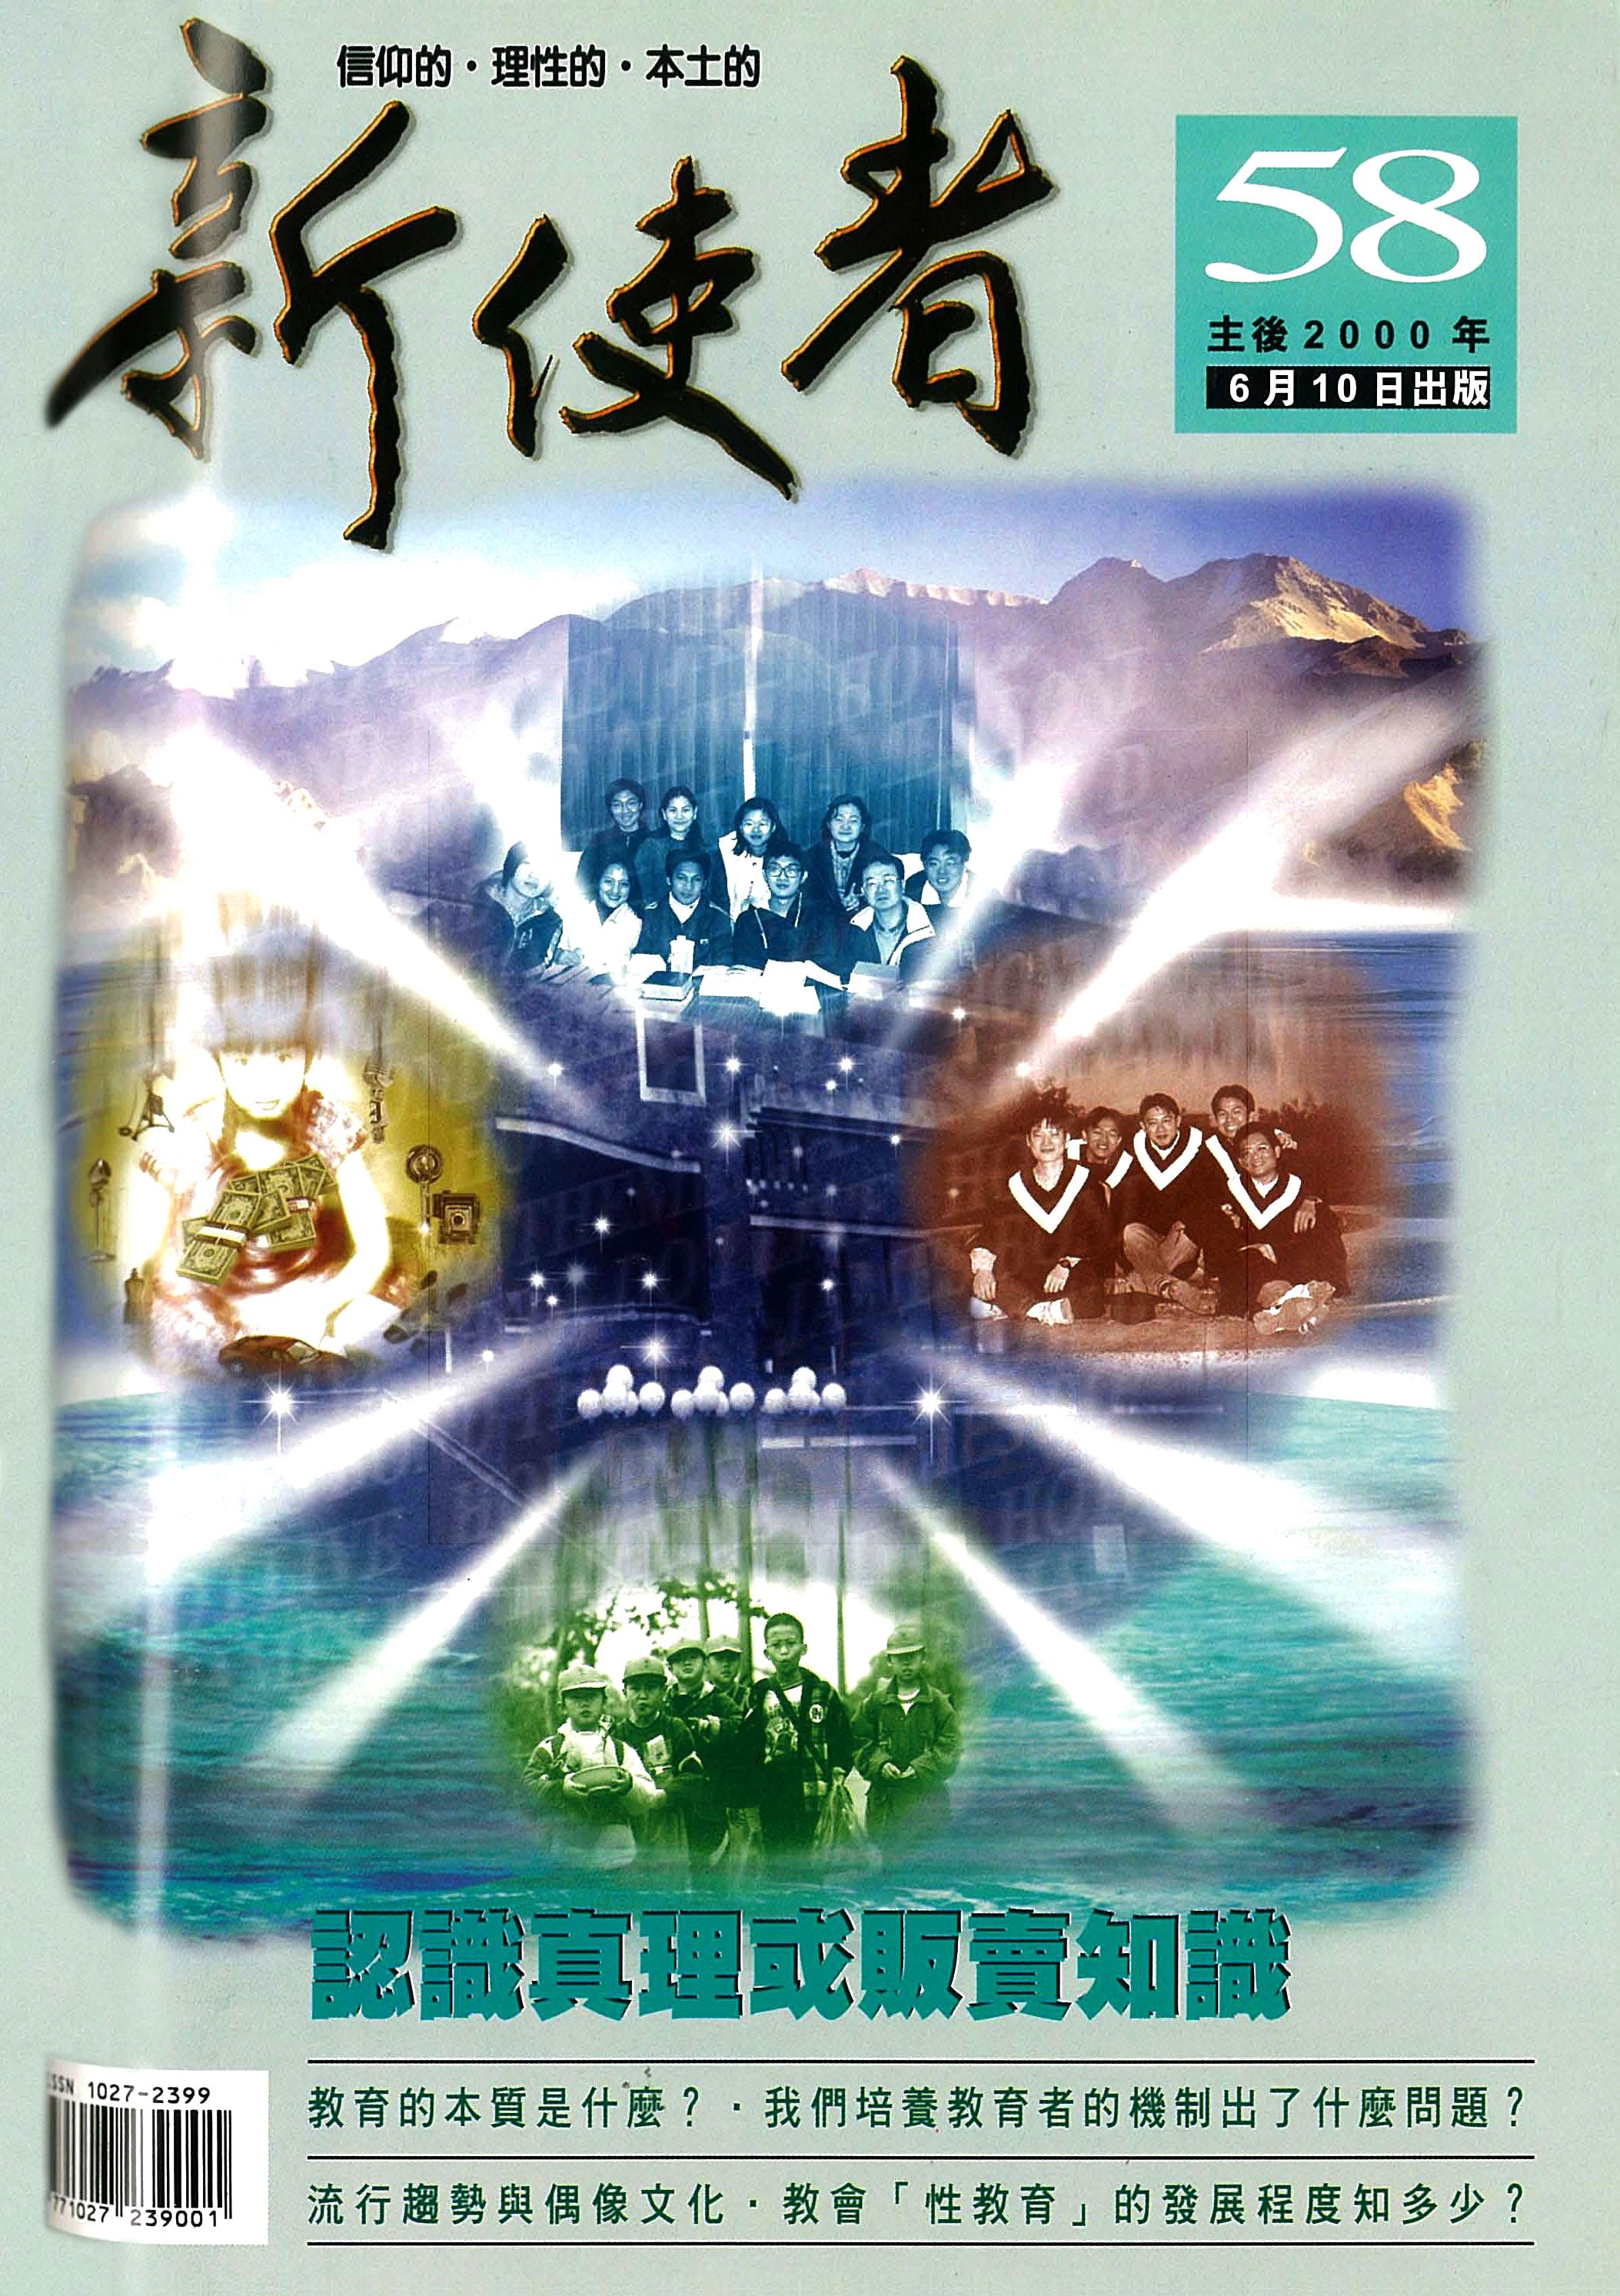 新使者雜誌 The New Messenger  58期  2000年  6月 認識真理或販賣知識